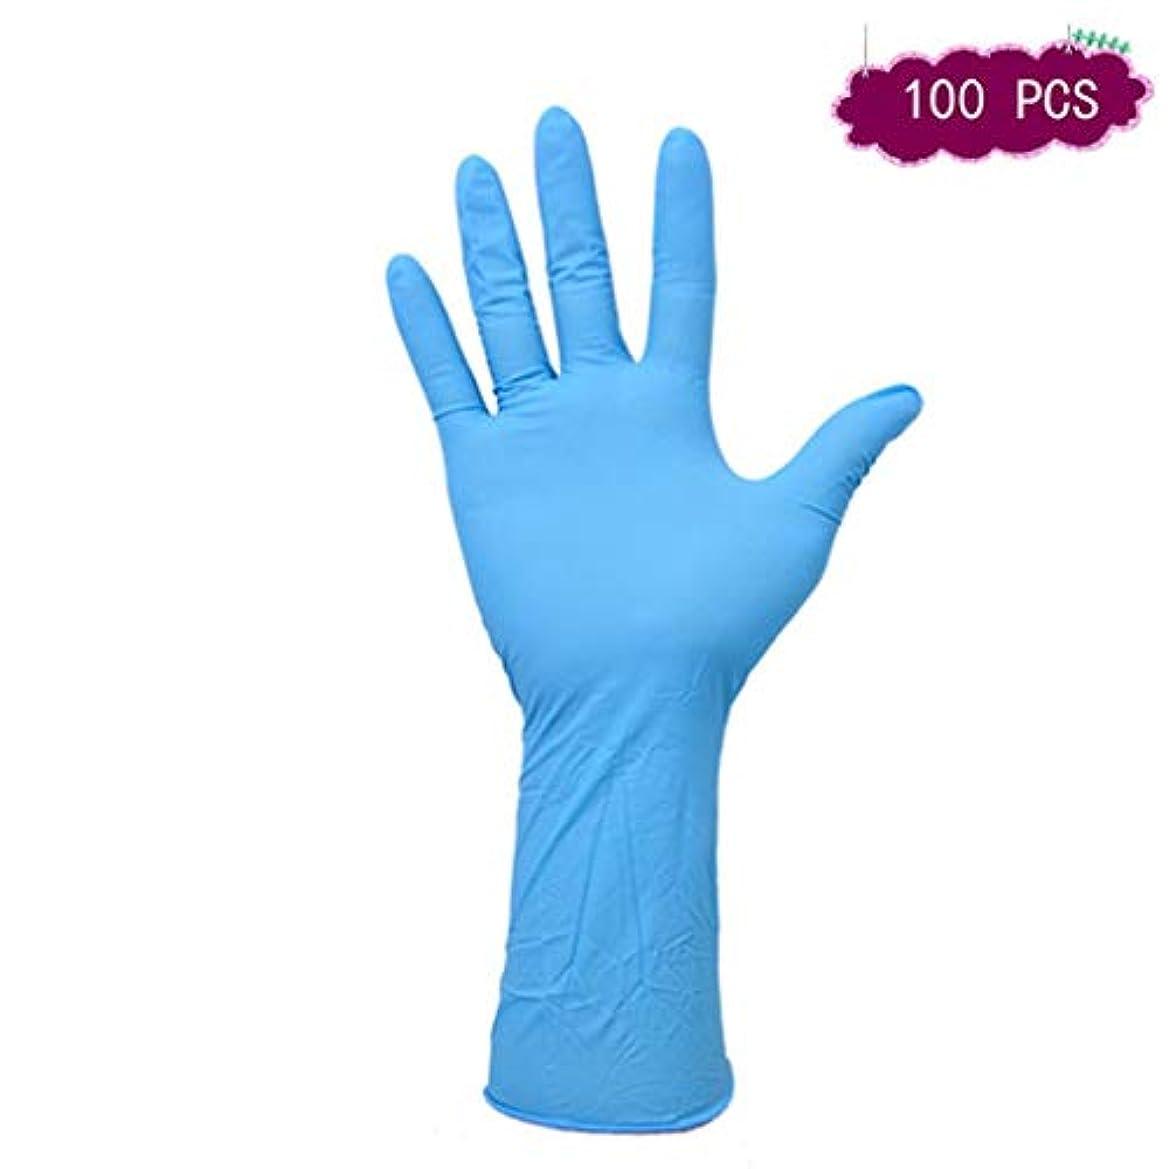 マエストログレートオーク眠いです使い捨てラテックス手袋ニトリル9インチ耐油9インチのゴム労働者保護の食器用実験室スキッド手袋なしパウダー (Color : 9 inch, Size : S)